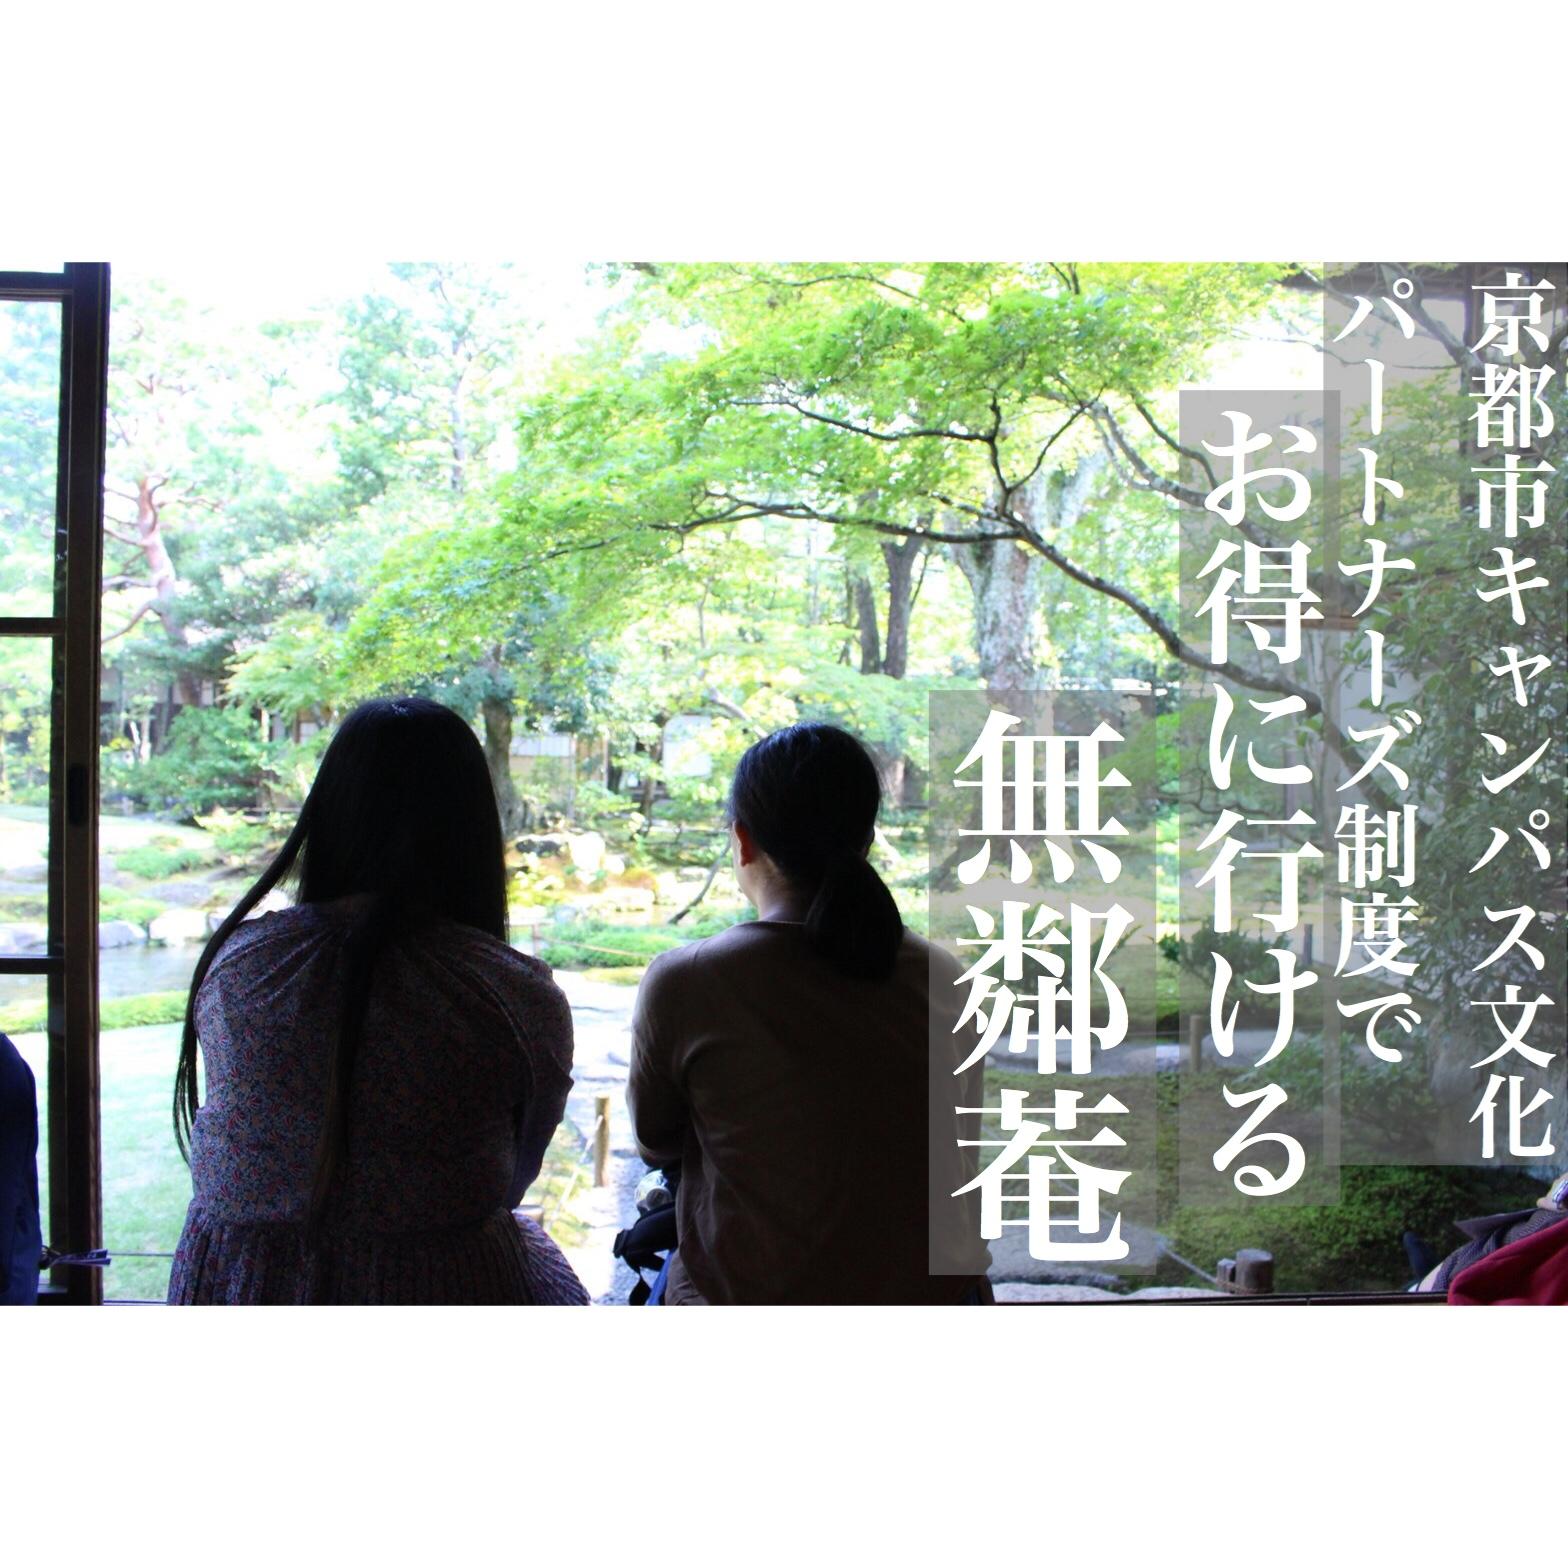 京都市キャンパス文化パートナーズ制度を使って、お得に京都の歴史を学ぼう!